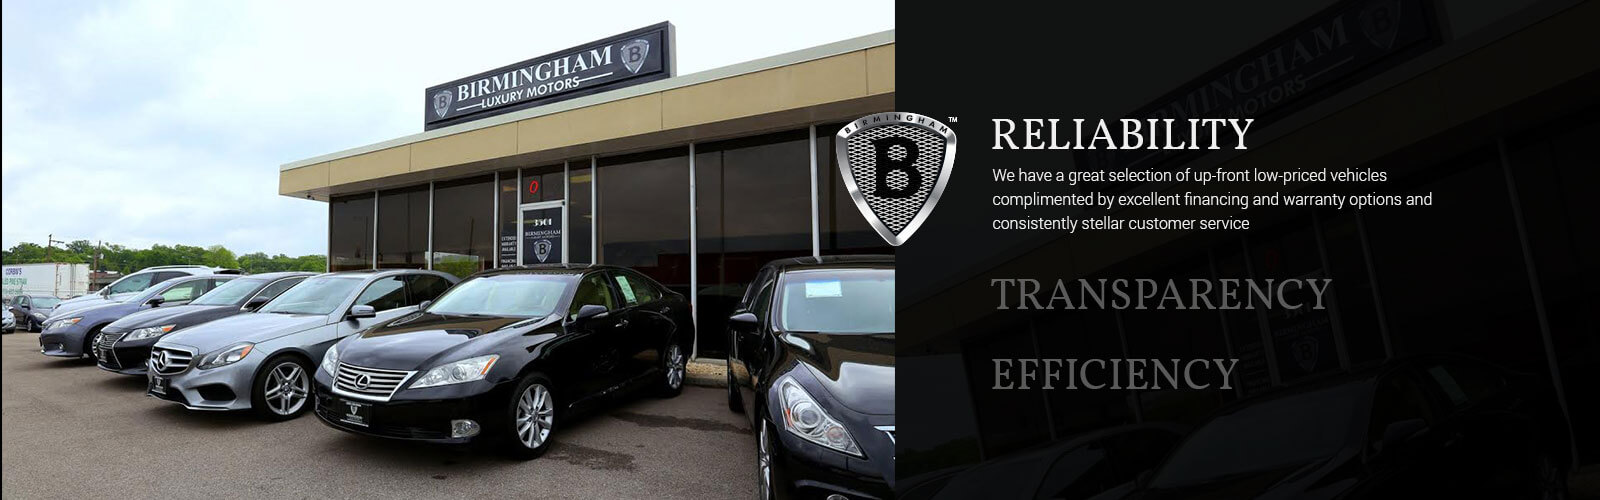 Birmingham Al Luxury Used Cars